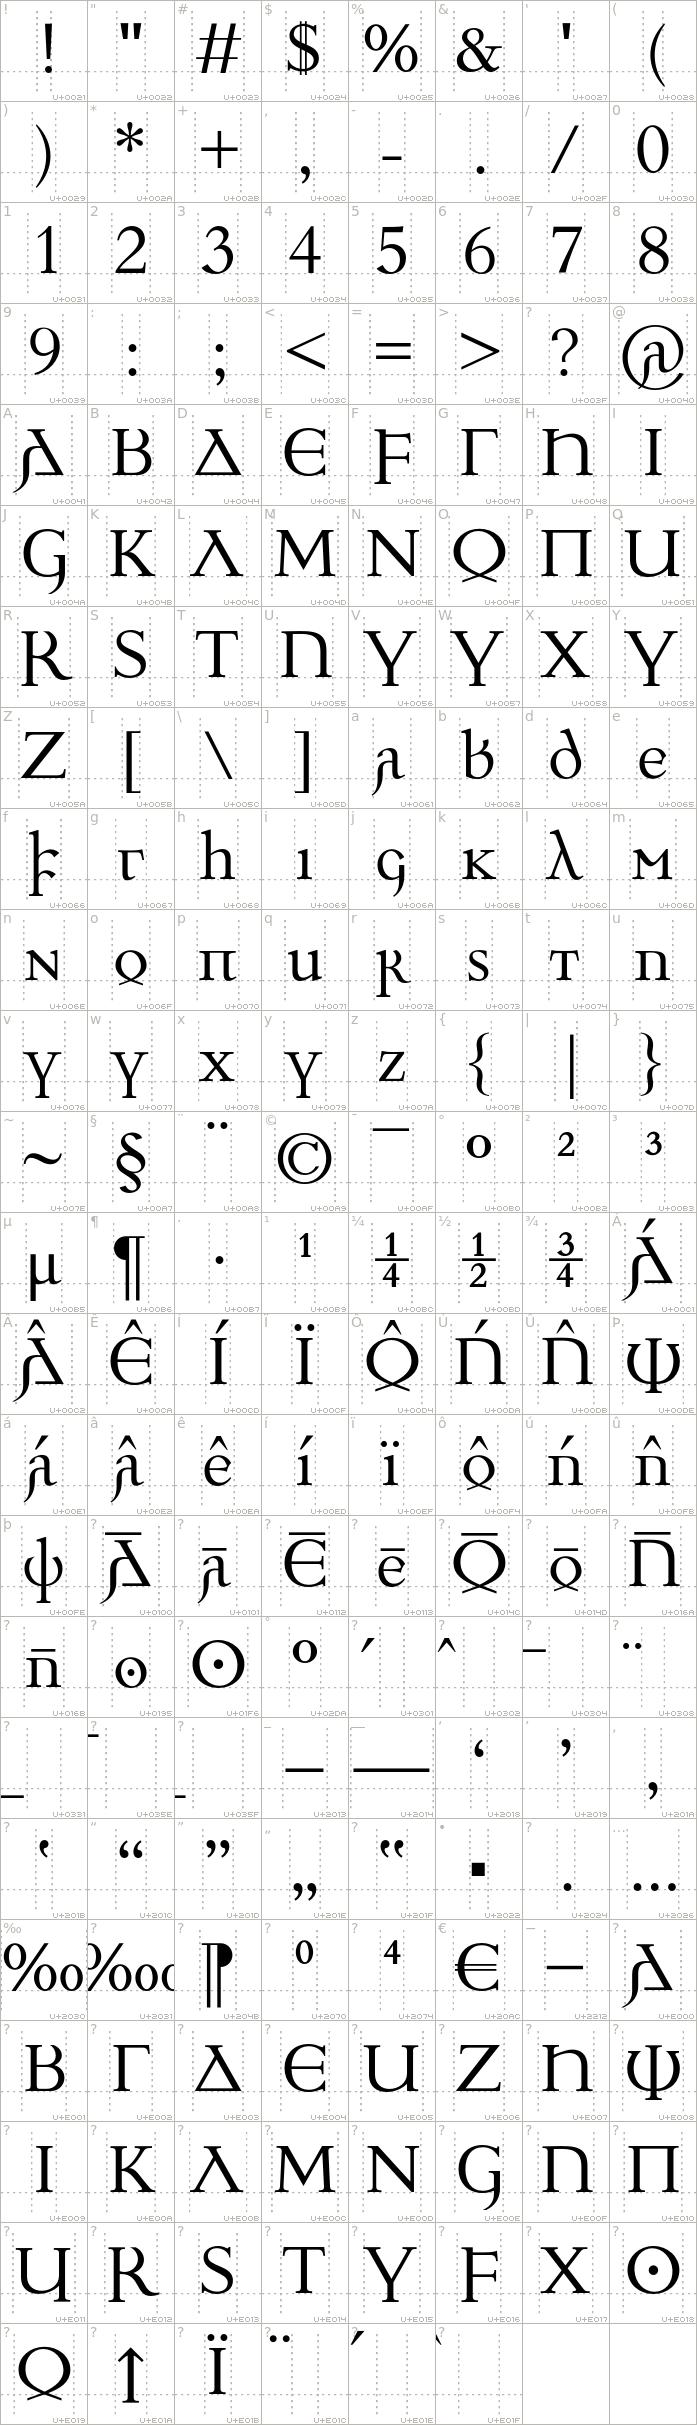 ulfilas.normal.character-map-1